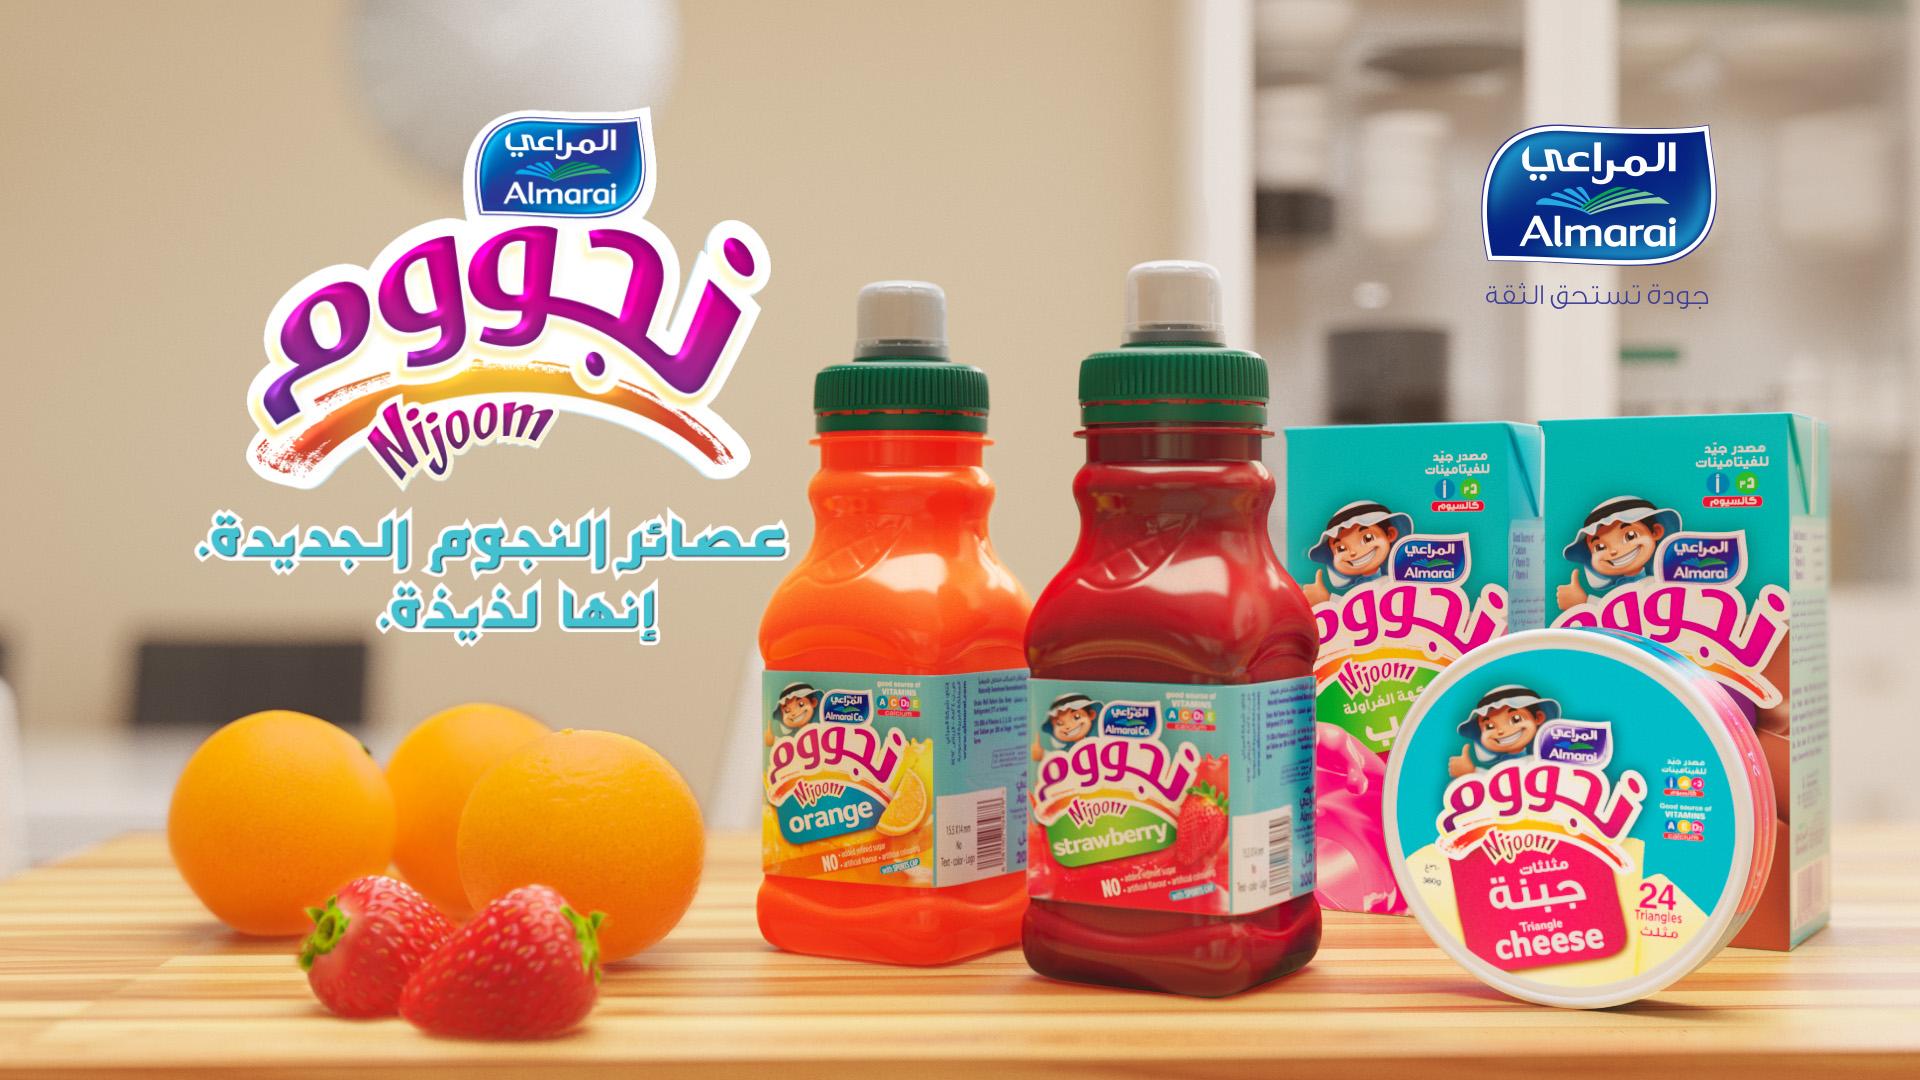 almarai_nijoom_image06